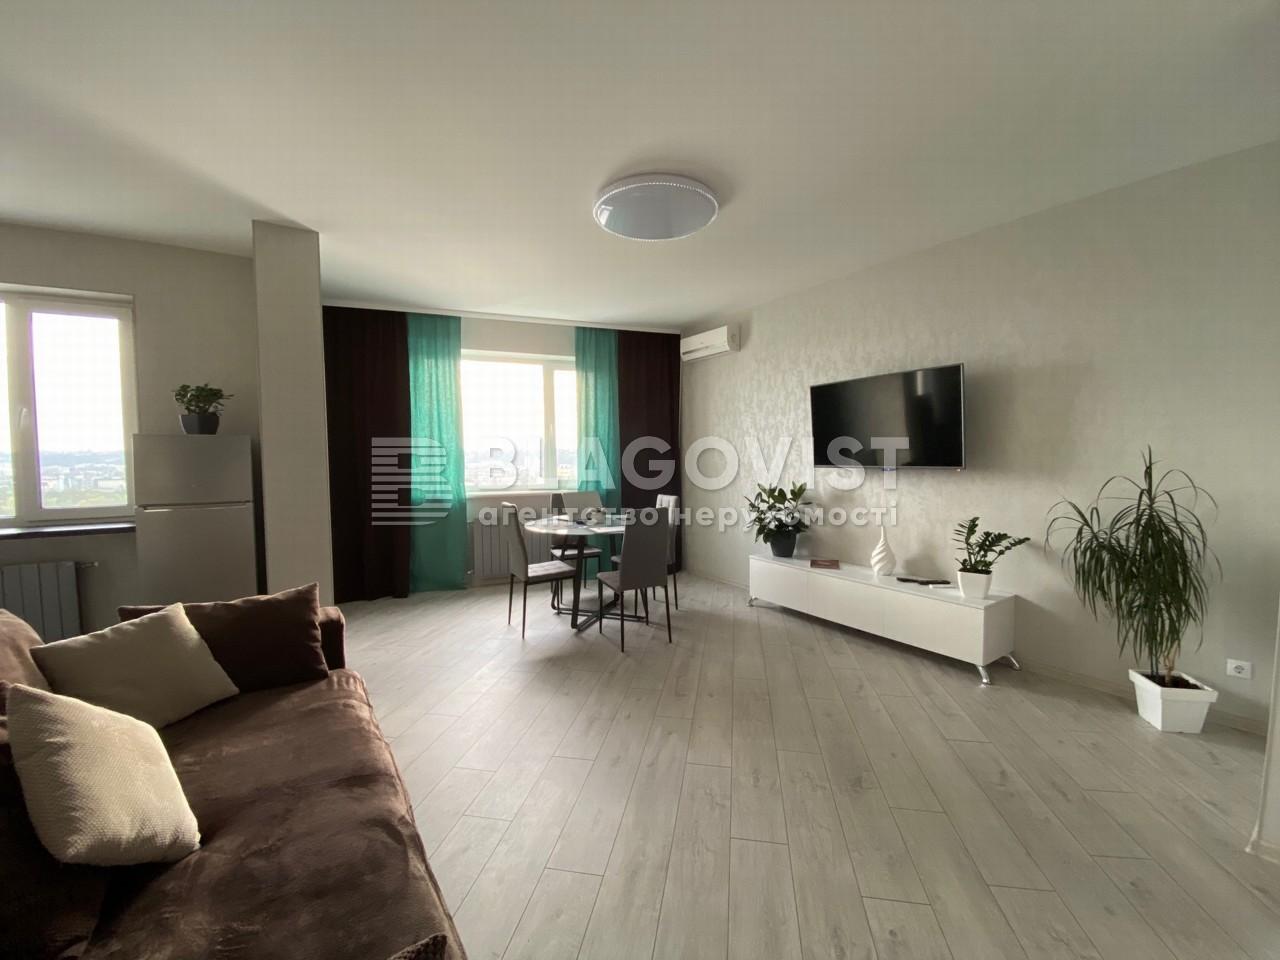 Квартира F-44034, Оболонский просп., 1 корпус 1, Киев - Фото 5